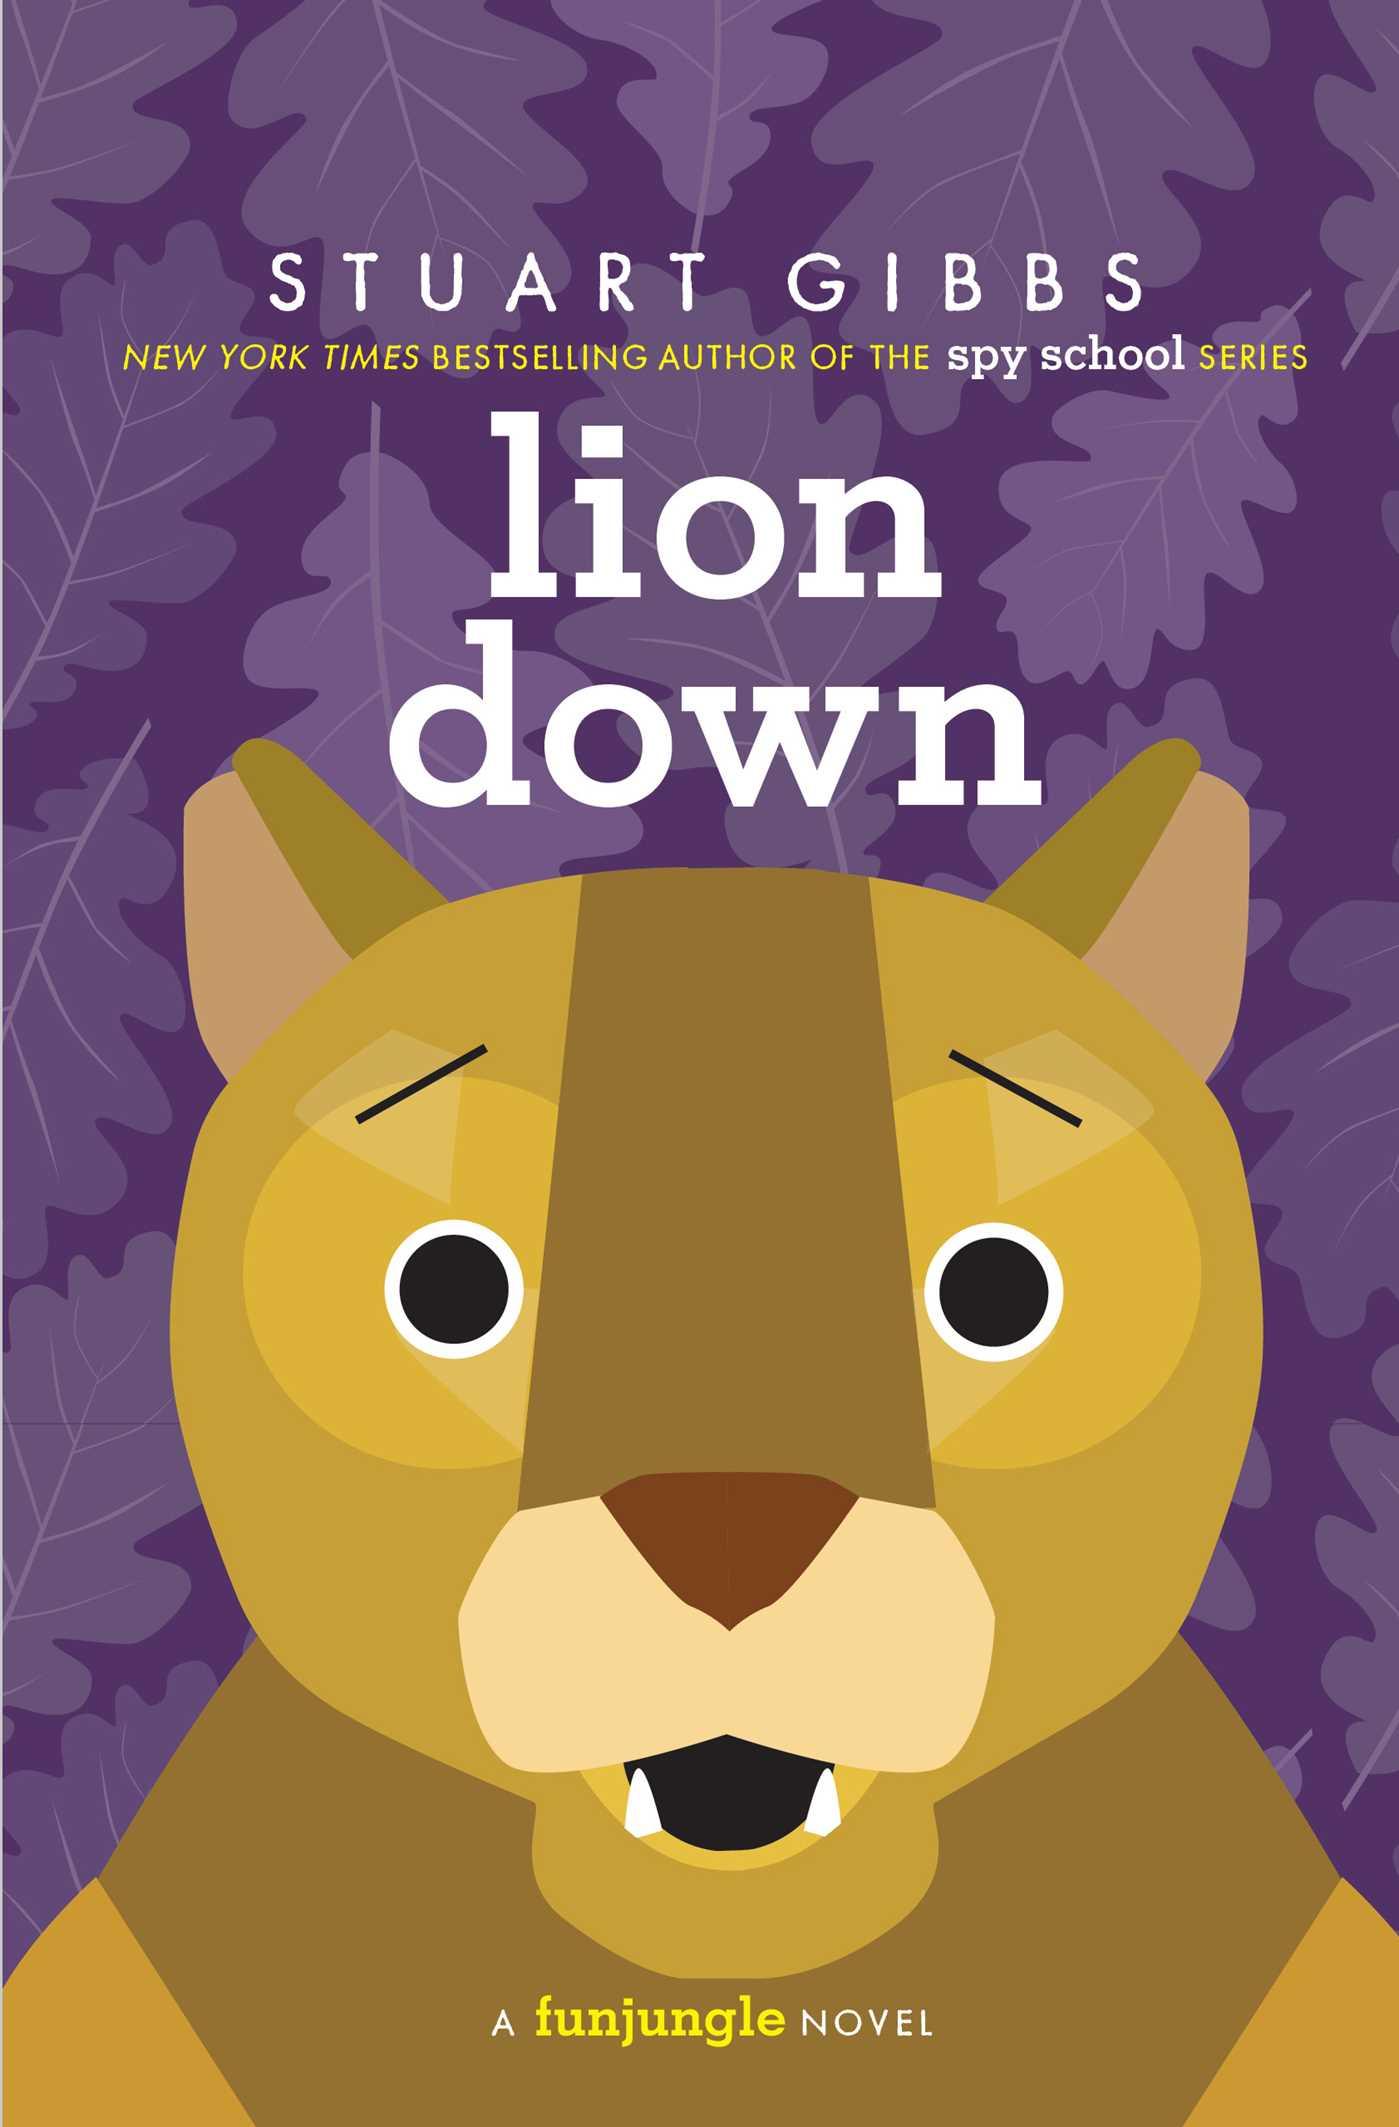 gibbs-lion-down.jpg